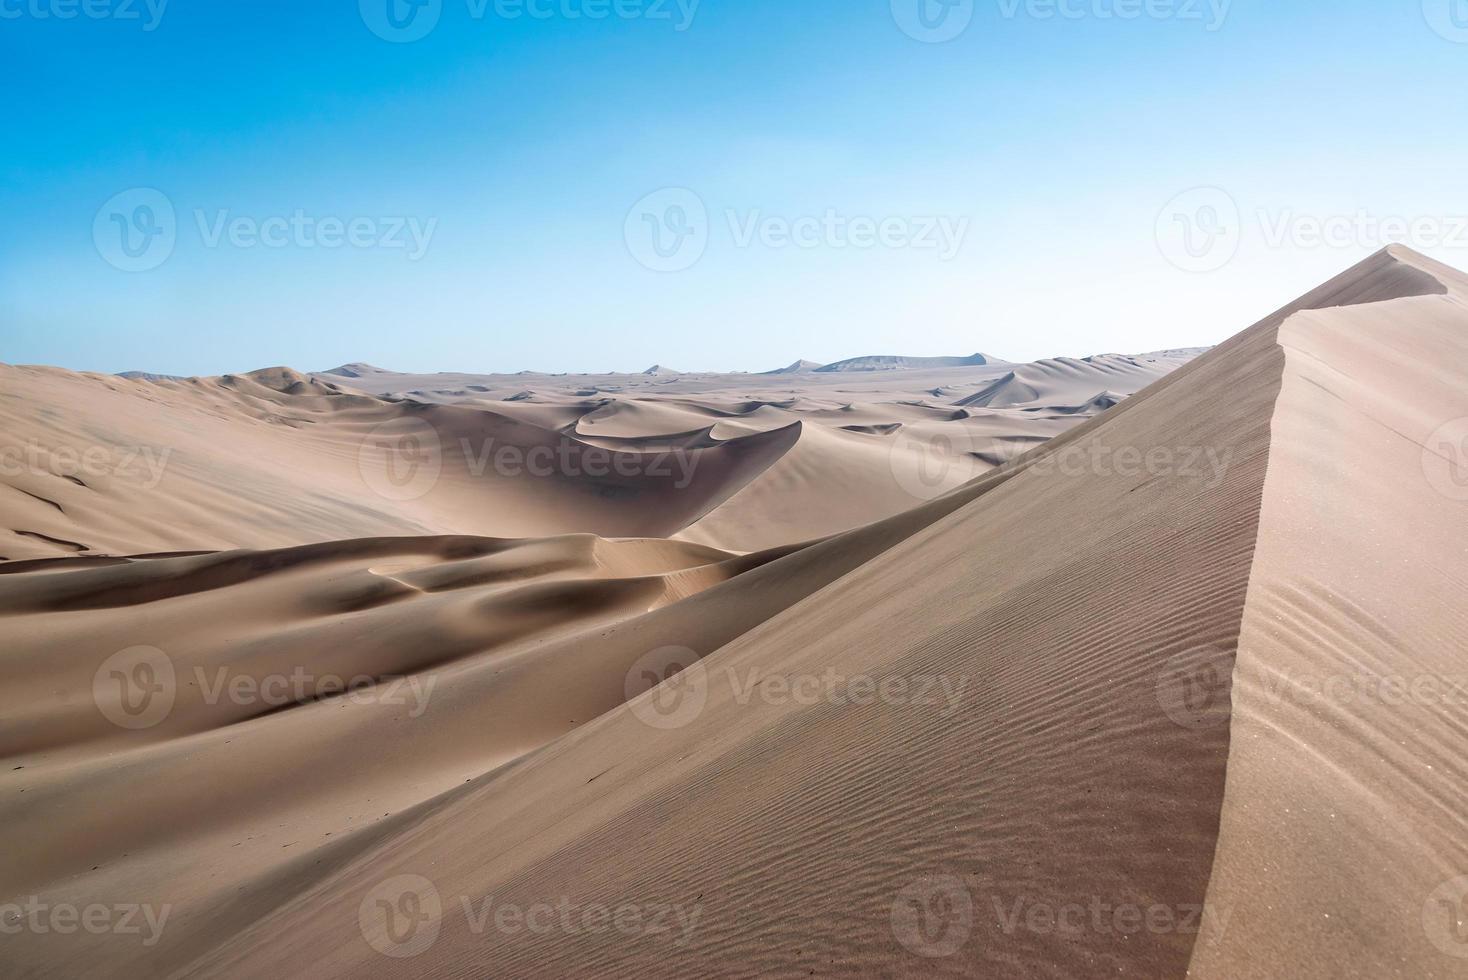 paesaggio desertico di dune di sabbia foto